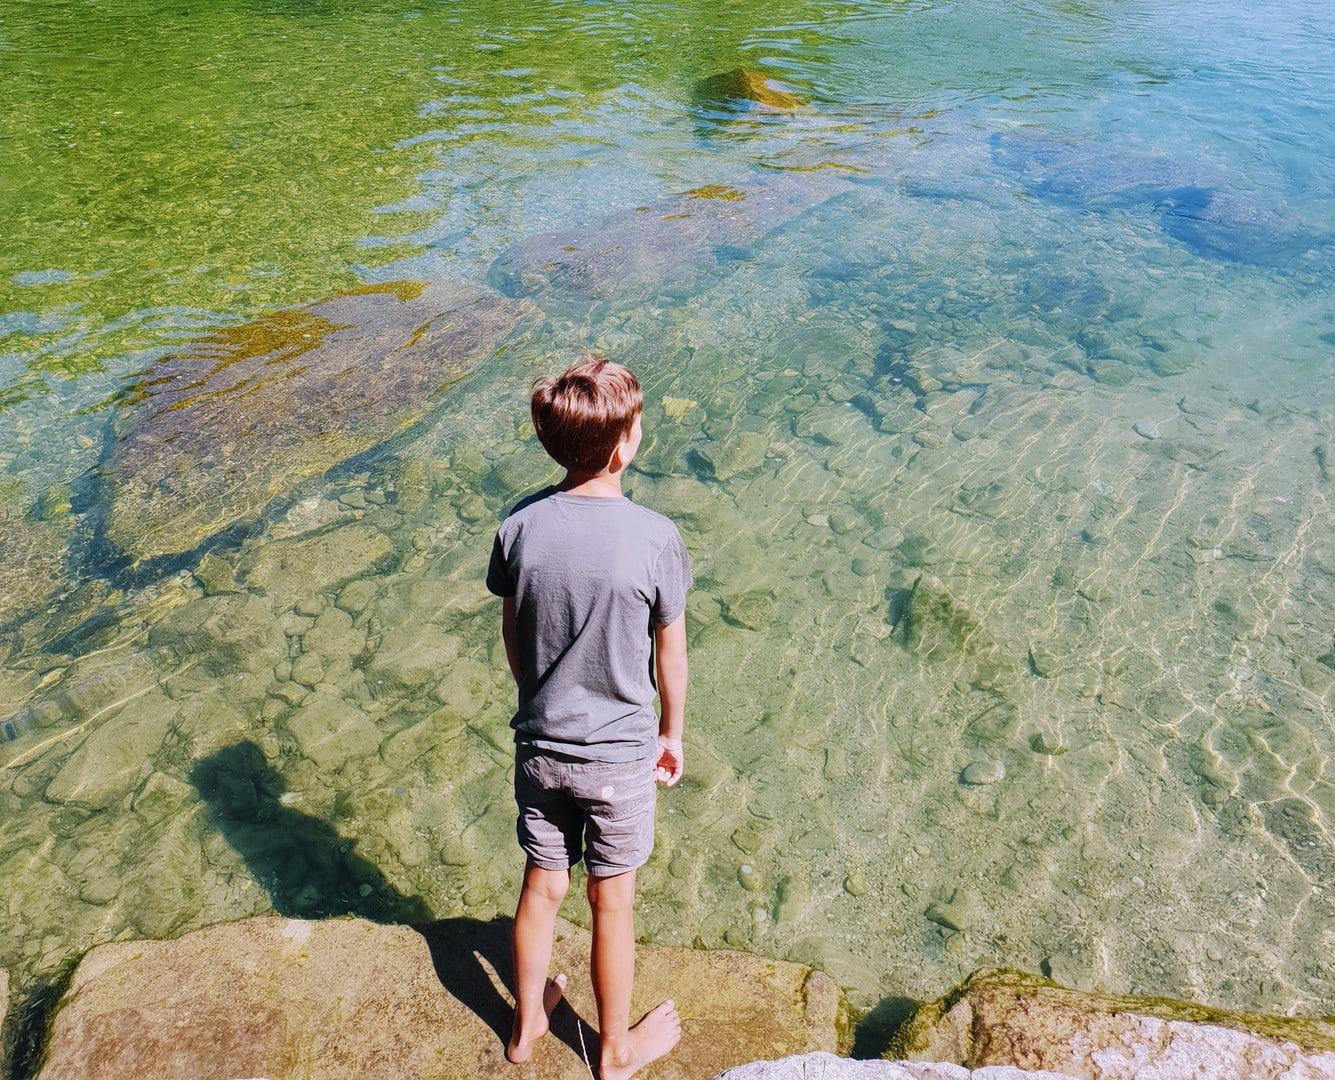 Junge schaut auf Fluss hinaus